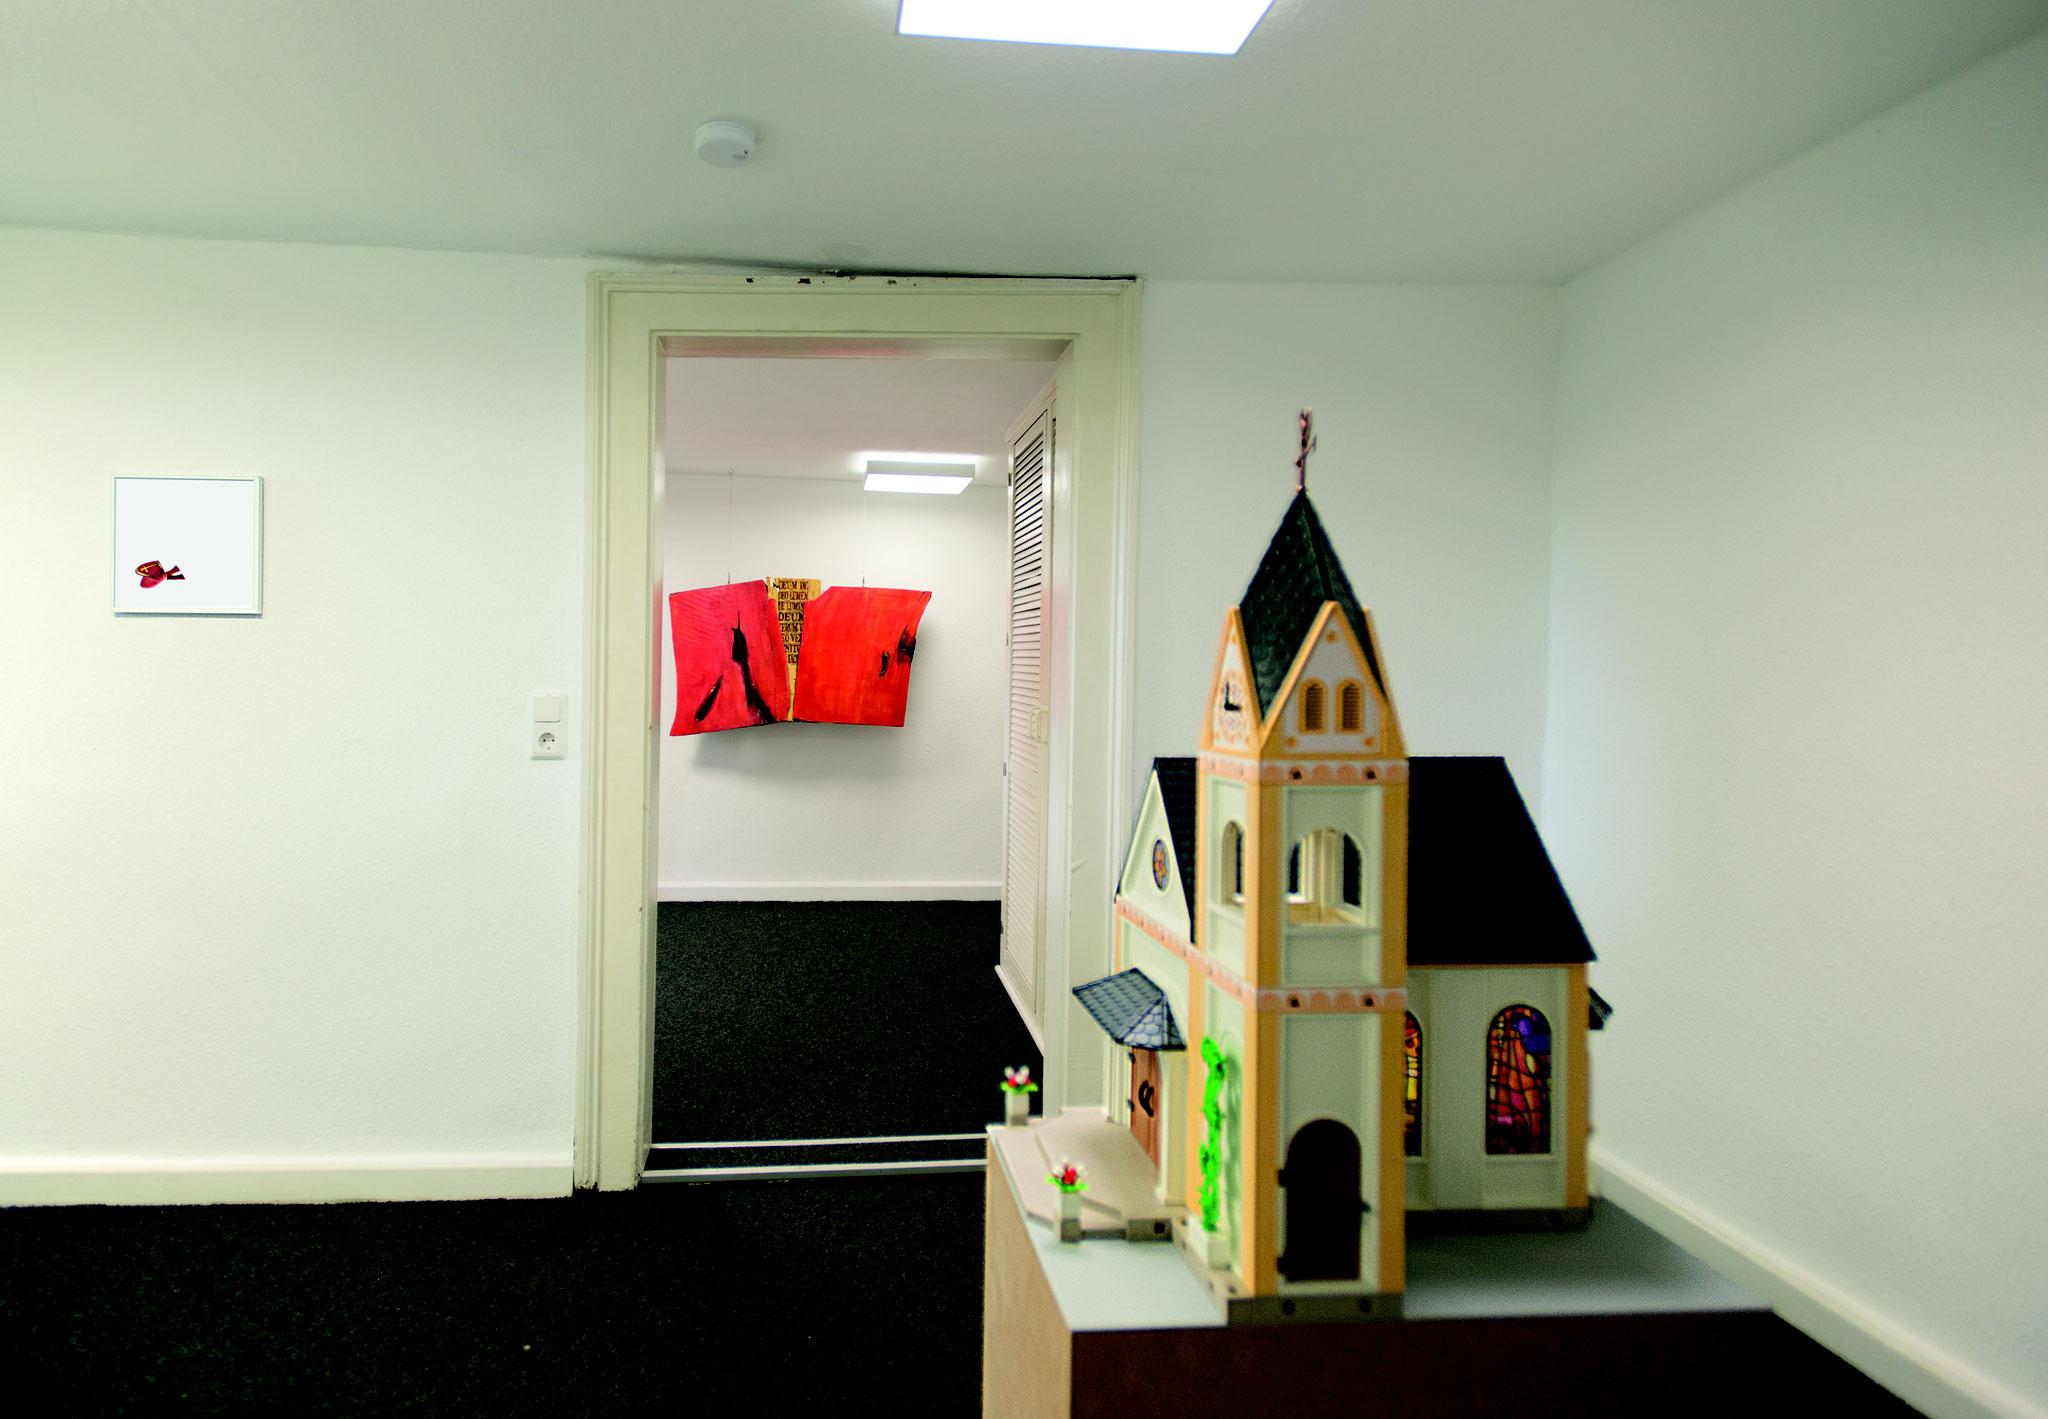 Installation-Ansicht Donath / Lorenz Höfer